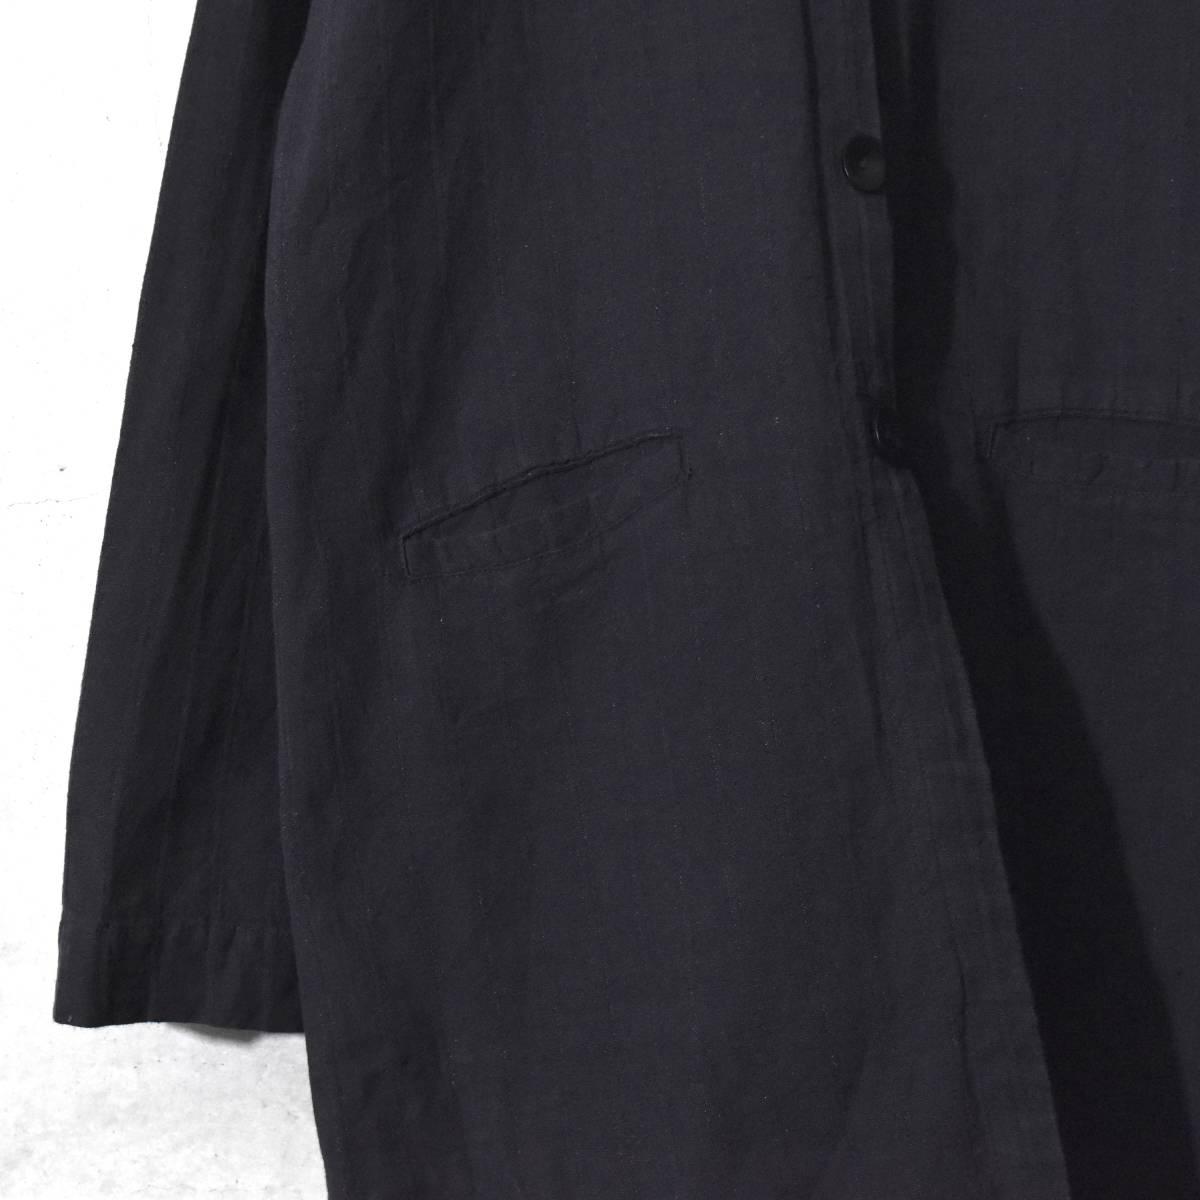 ★美品★ FLAX フラックス ストライプ ロングシャツ 黒 Mサイズ リネン_画像4